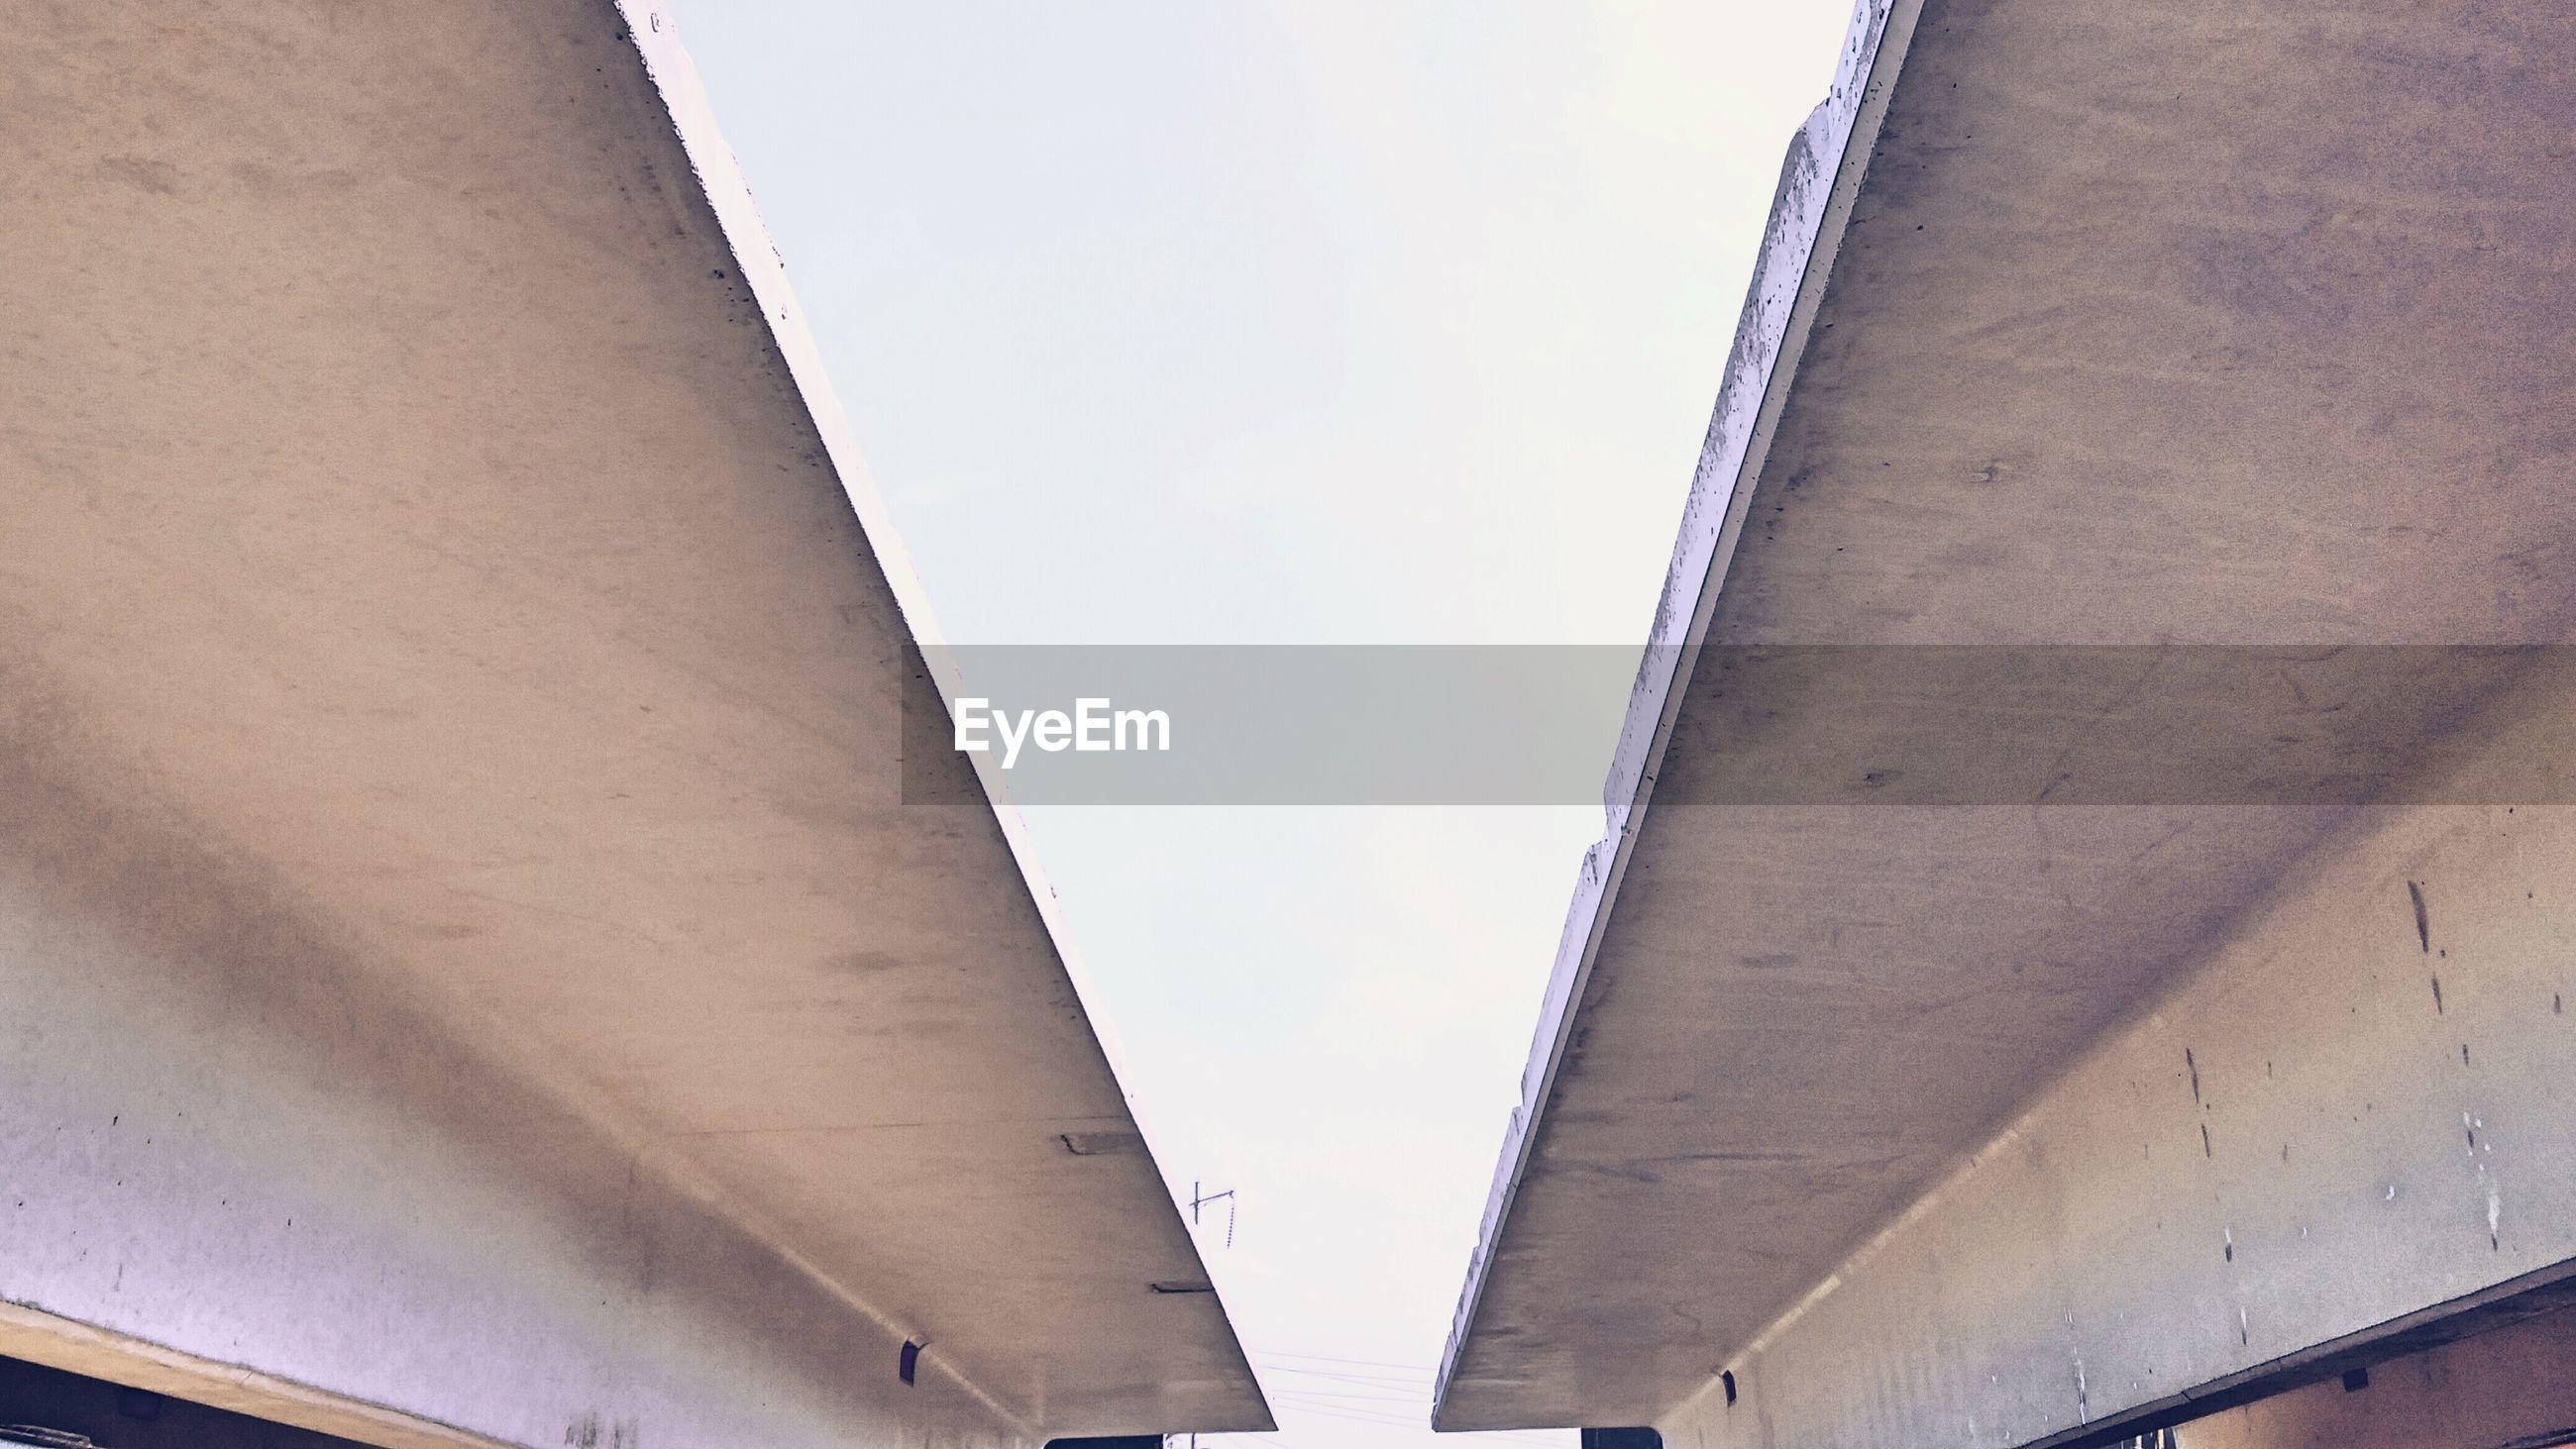 Sky between roofs